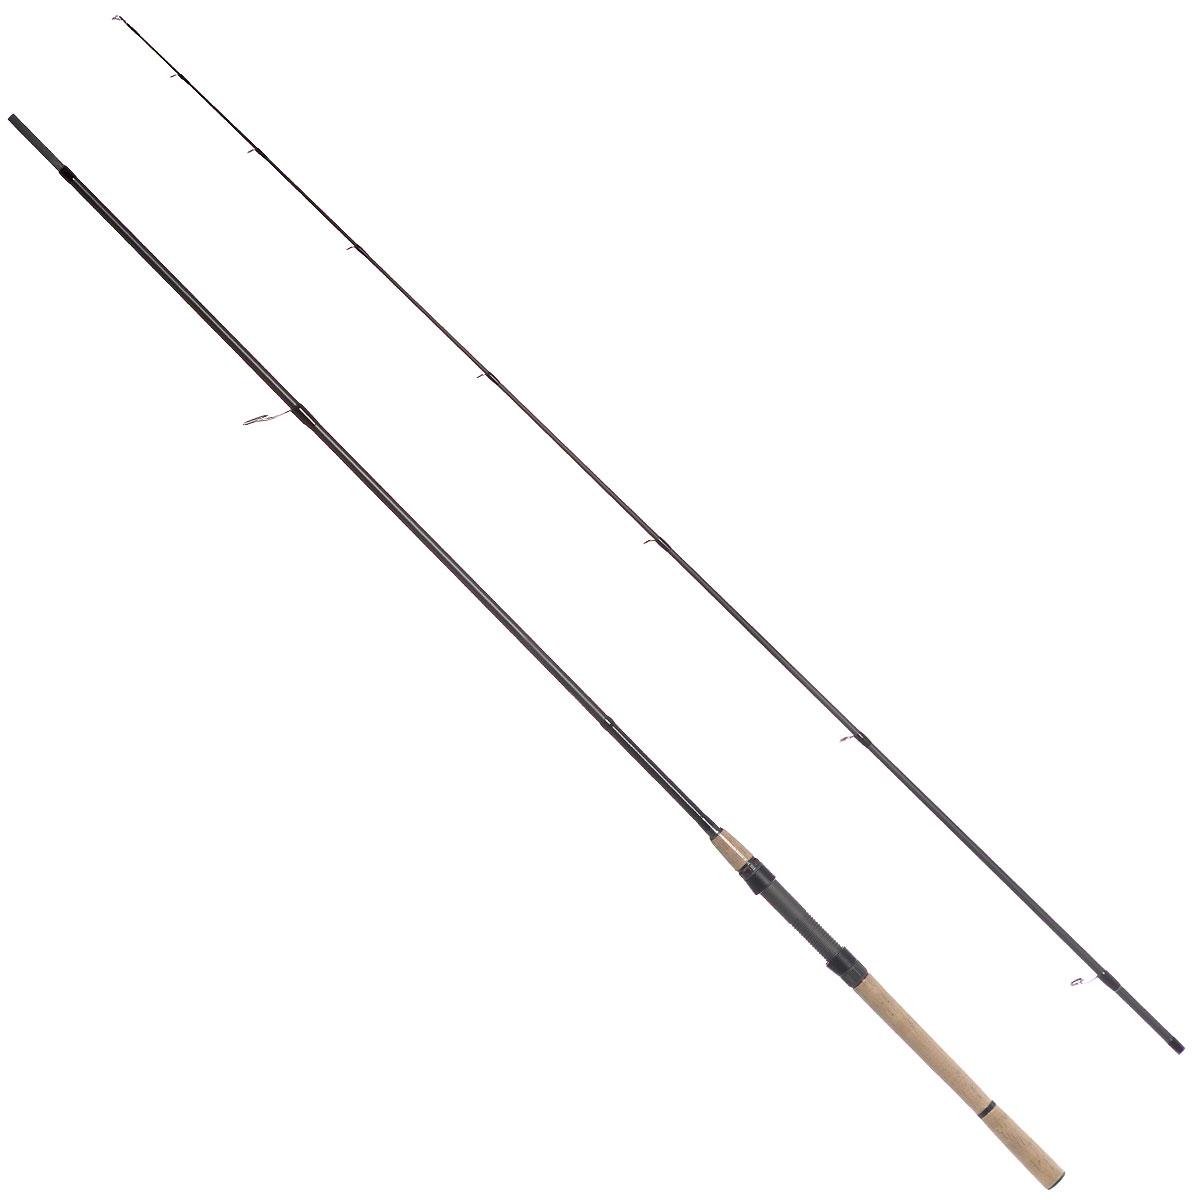 Спиннинг штекерный Daiwa Infinity-Q NEW Jigger, 2,70 м, 7-28 г41571Штекерный спиннинг Daiwa Infinity-Q NEW Jigger отличается новой длиной и тестом, обновленной конструкцией бланка. Несмотря на легкий вес, спиннинг достаточно мощный для схватки с рыбой вашей мечты. Стык колен V-Joint не изменяет естественную геометрию бланка, спиннинг ведет себя как одночастный. Спиннинг Daiwa Infinity-Q NEW Jigger значительно легче своих предшественников, а также отличается более быстрым строем.Тест: 7-28 г.